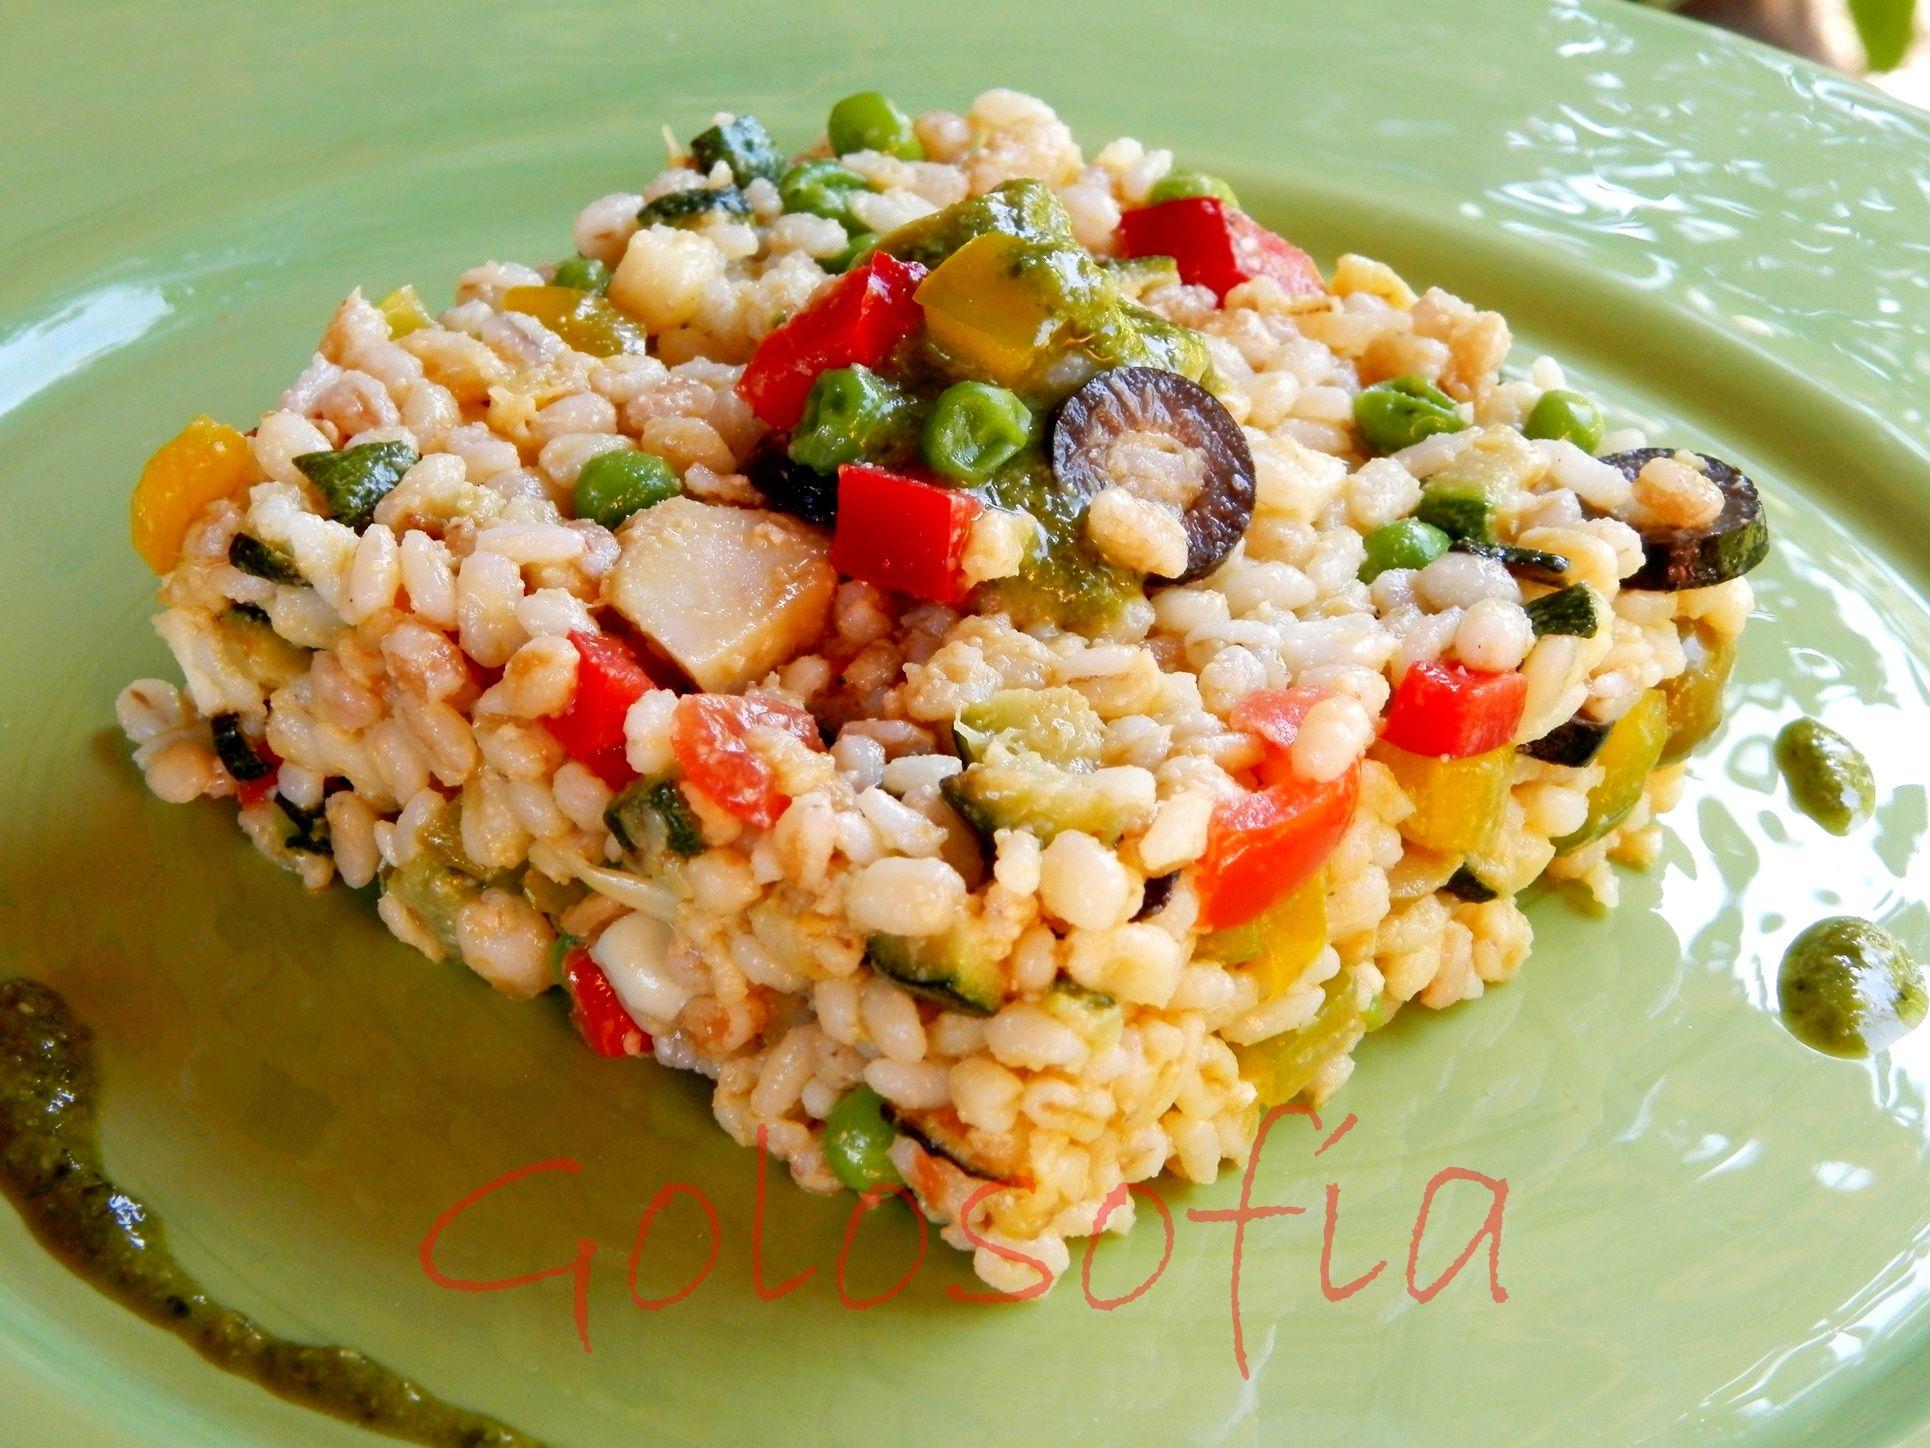 Insalata ai 5 cereali ricco piatto unico posto da verdure carne formaggio e